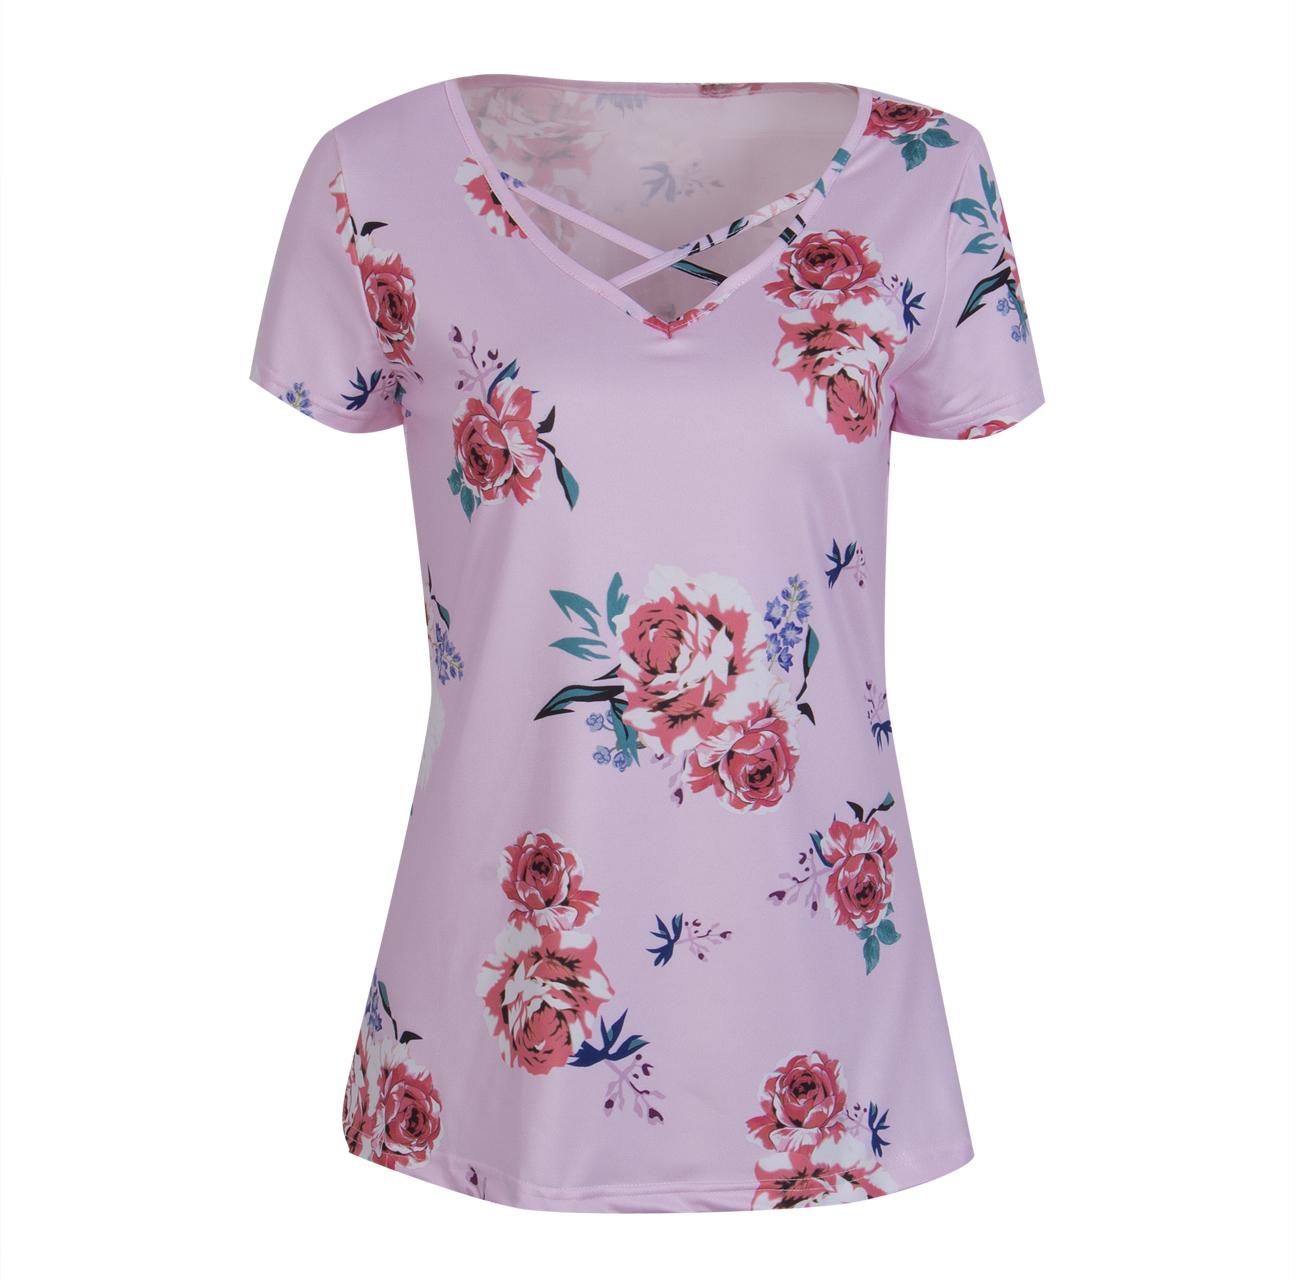 Блузка Летние шорты втулки Loose Цветочные дамы вскользь женщины CANIS Голубовато-зеленый M фото